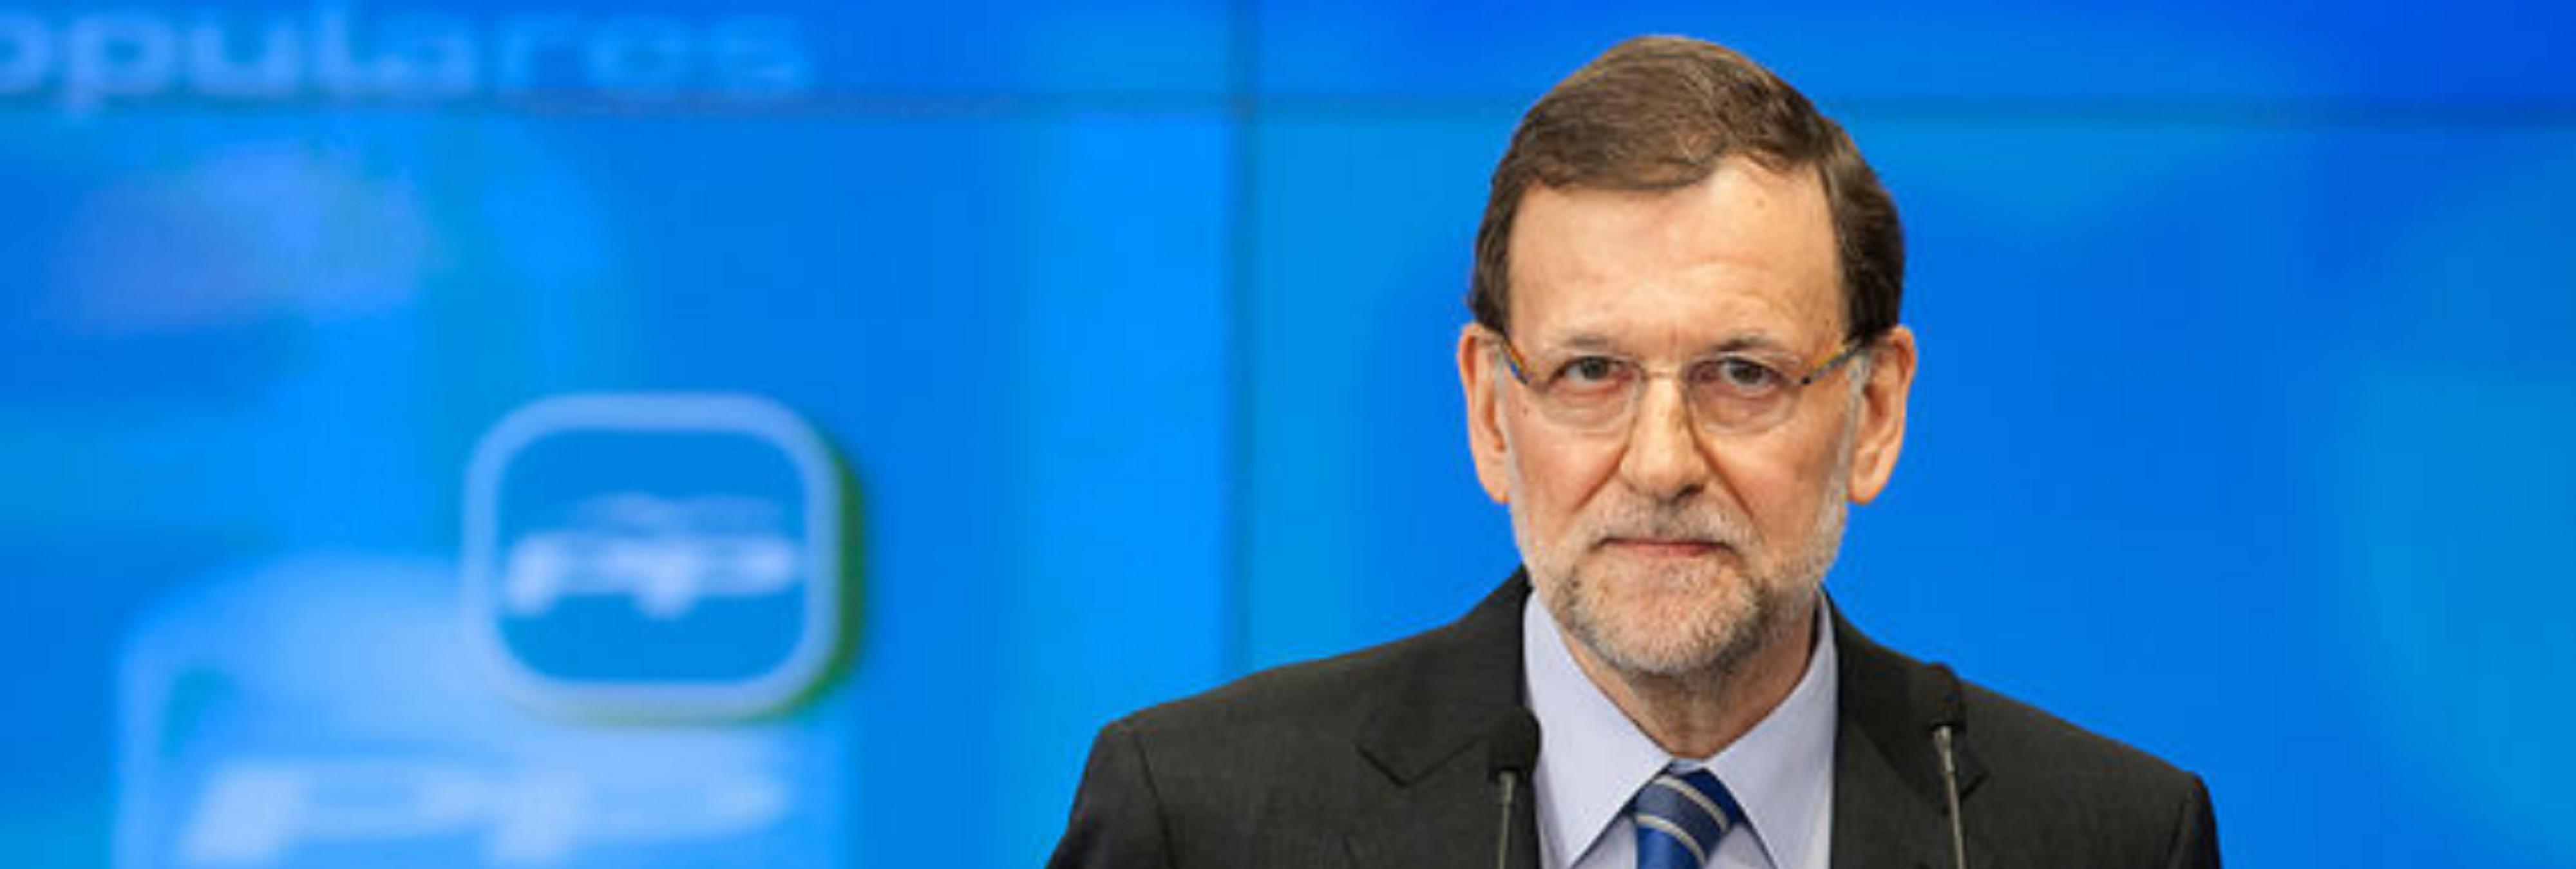 Rajoy quiebra la Seguridad Social en tan solo cinco años de gobierno